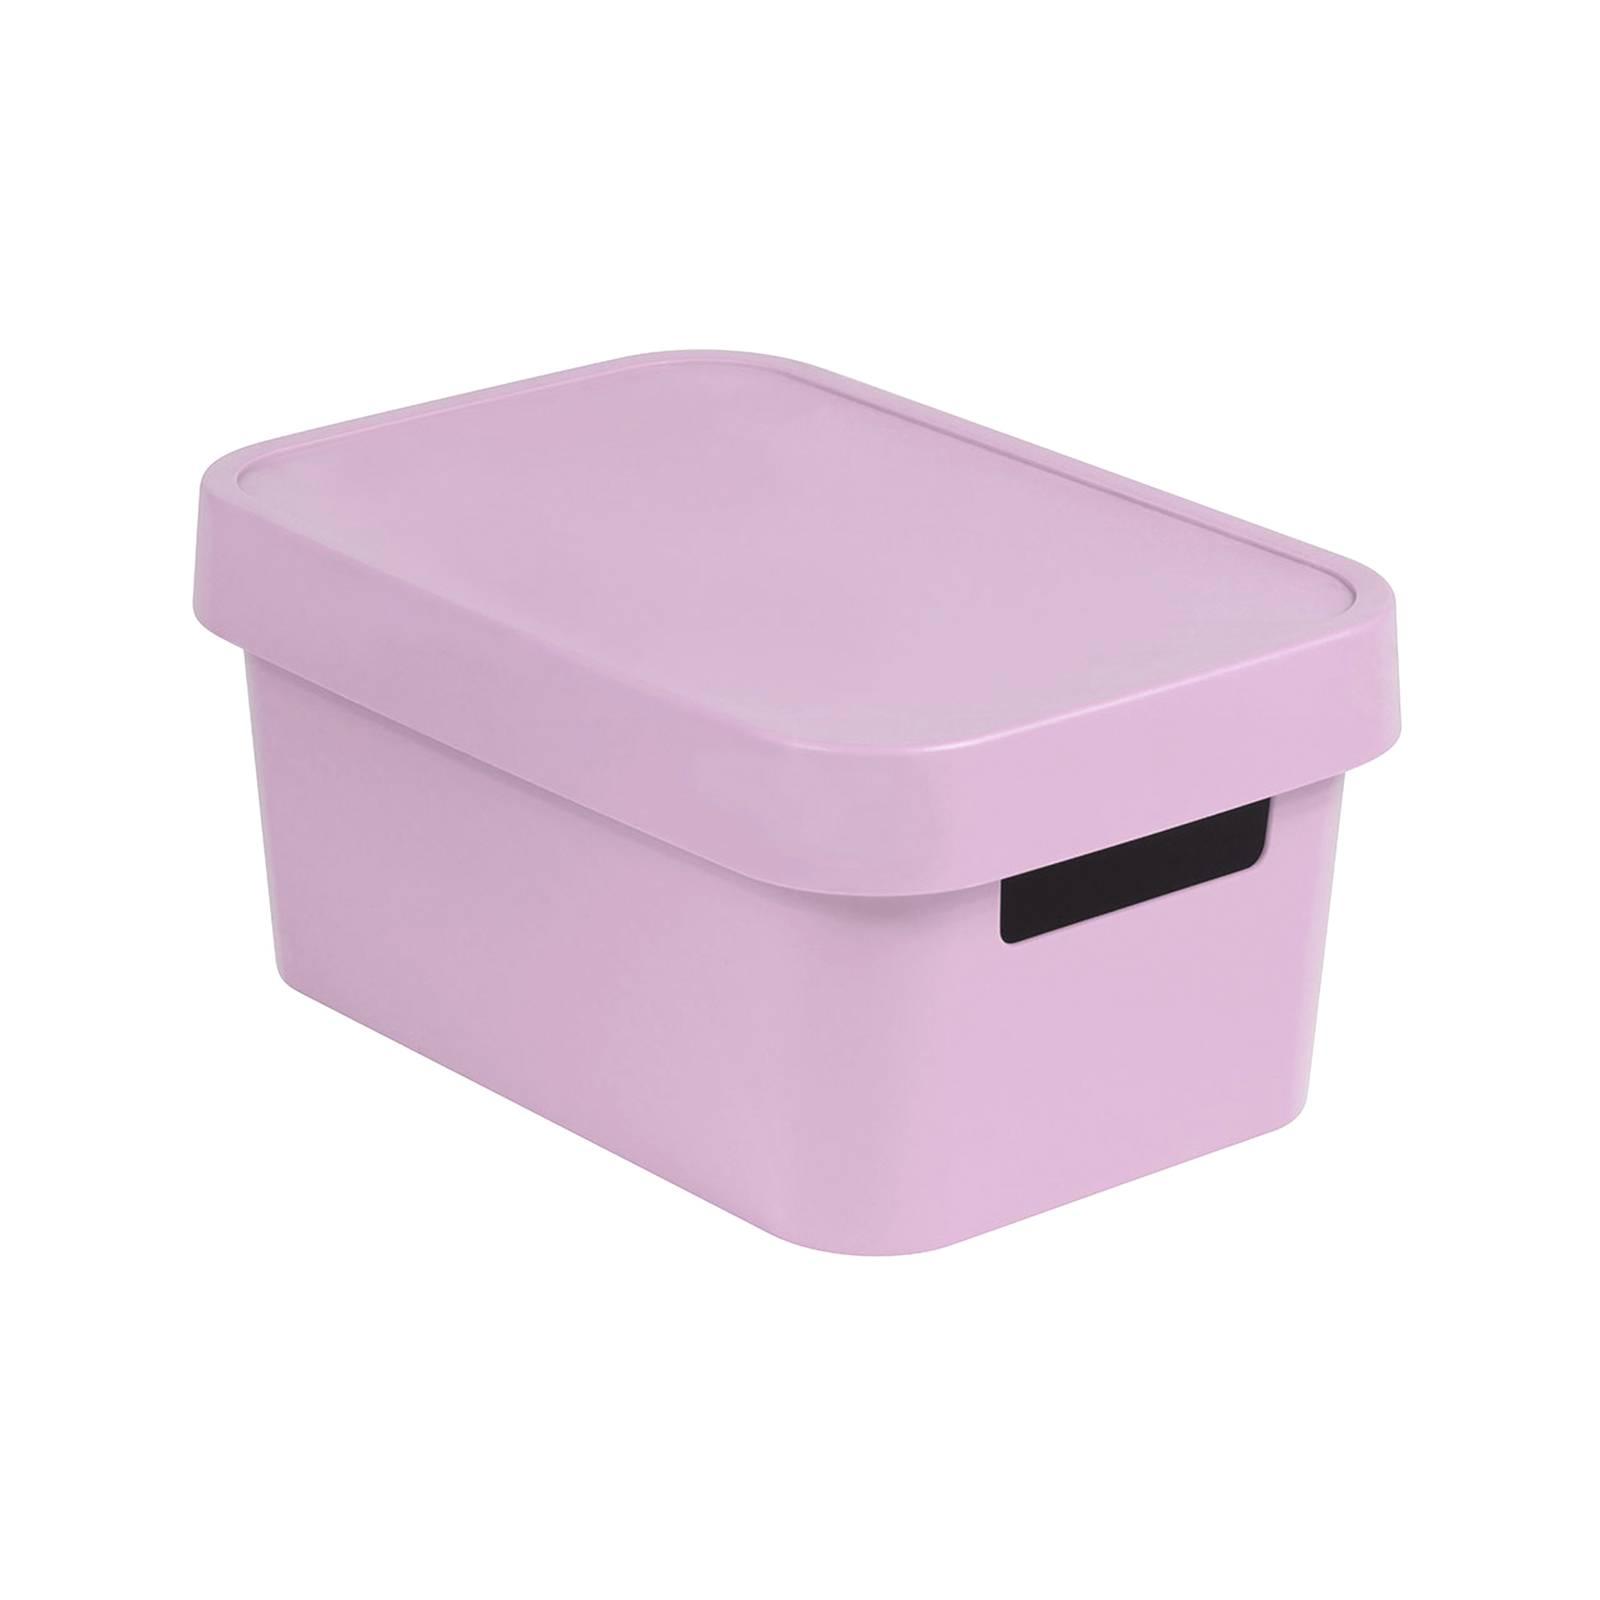 Förvaringslåda med lock 4,5L Infinity rosa CURVER